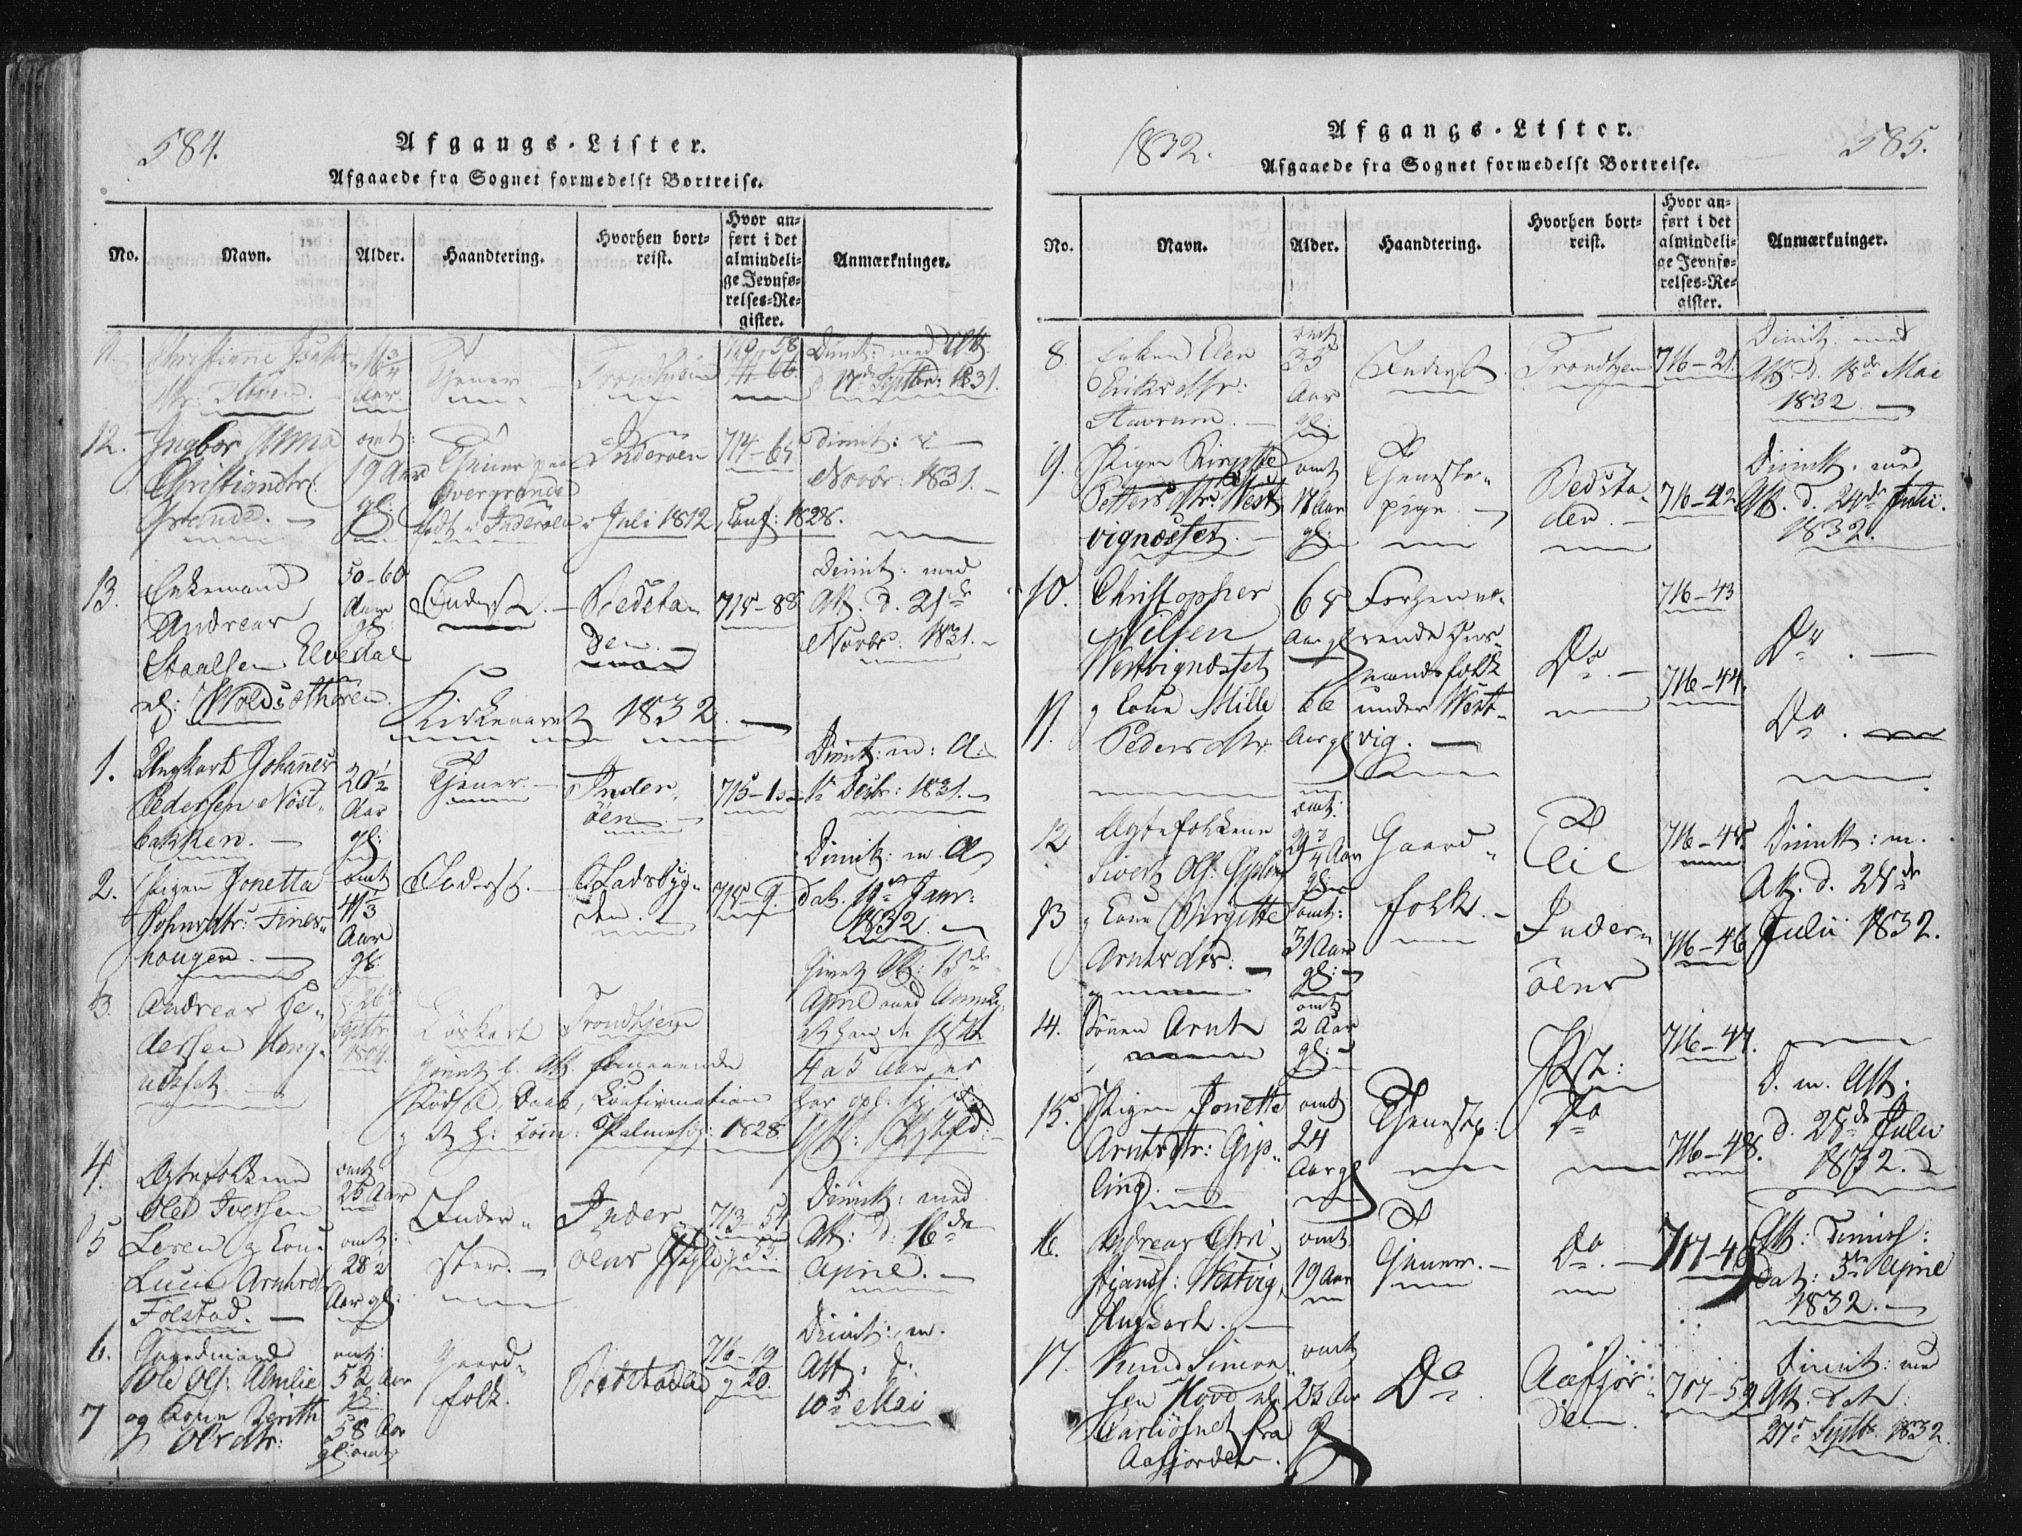 SAT, Ministerialprotokoller, klokkerbøker og fødselsregistre - Nord-Trøndelag, 744/L0417: Ministerialbok nr. 744A01, 1817-1842, s. 584-585